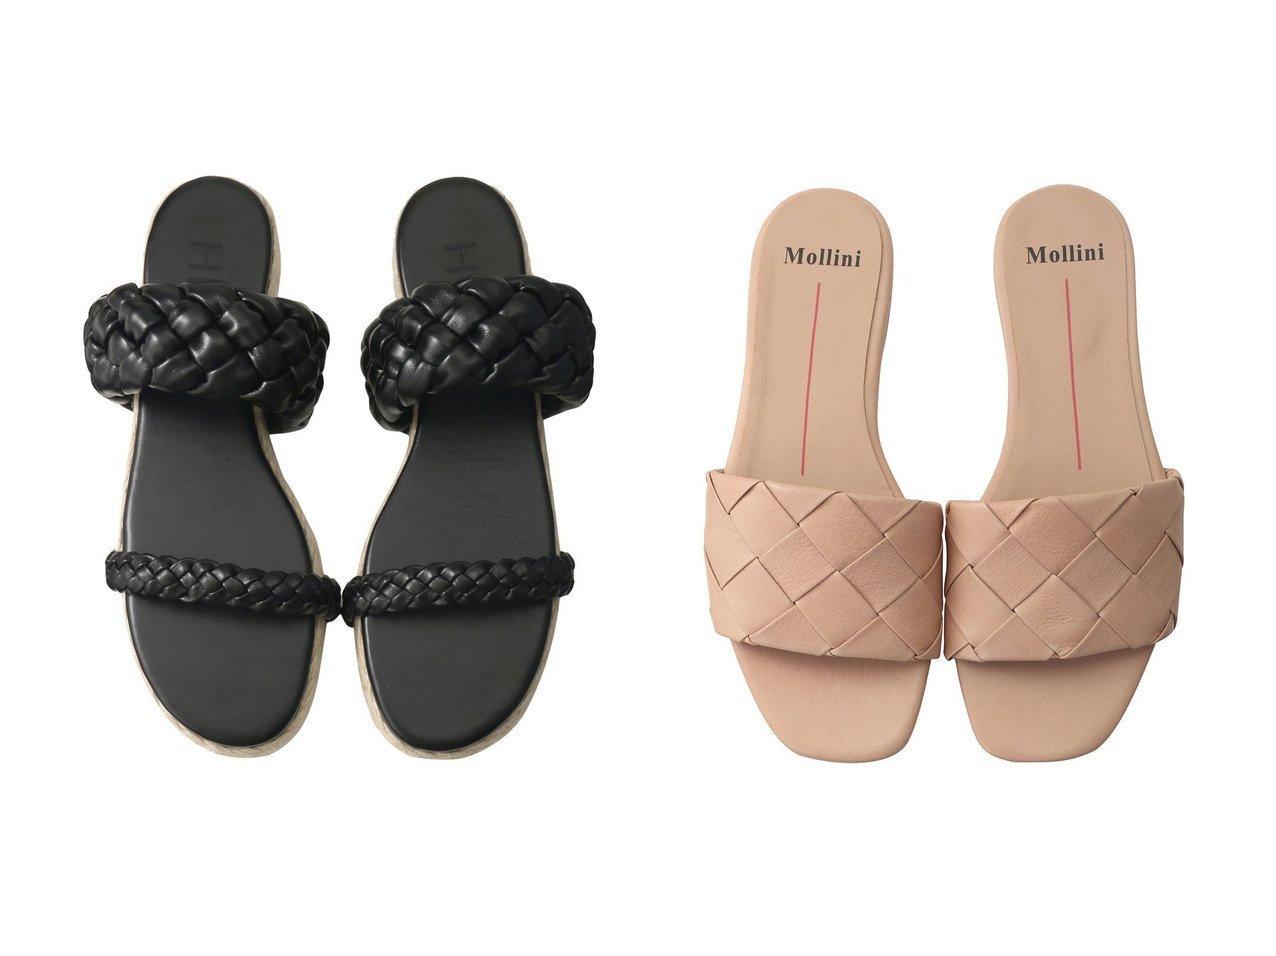 【HEWN/ヒューン】のブレードストラップエスパドリーユ&【JET/ジェット】の【Mollini】レザーサンダル 【シューズ・靴】おすすめ!人気、トレンド・レディースファッションの通販  おすすめで人気の流行・トレンド、ファッションの通販商品 メンズファッション・キッズファッション・インテリア・家具・レディースファッション・服の通販 founy(ファニー) https://founy.com/ ファッション Fashion レディースファッション WOMEN 2021年 2021 2021 春夏 S/S SS Spring/Summer 2021 S/S 春夏 SS Spring/Summer なめらか サンダル スマート 春 Spring |ID:crp329100000025512